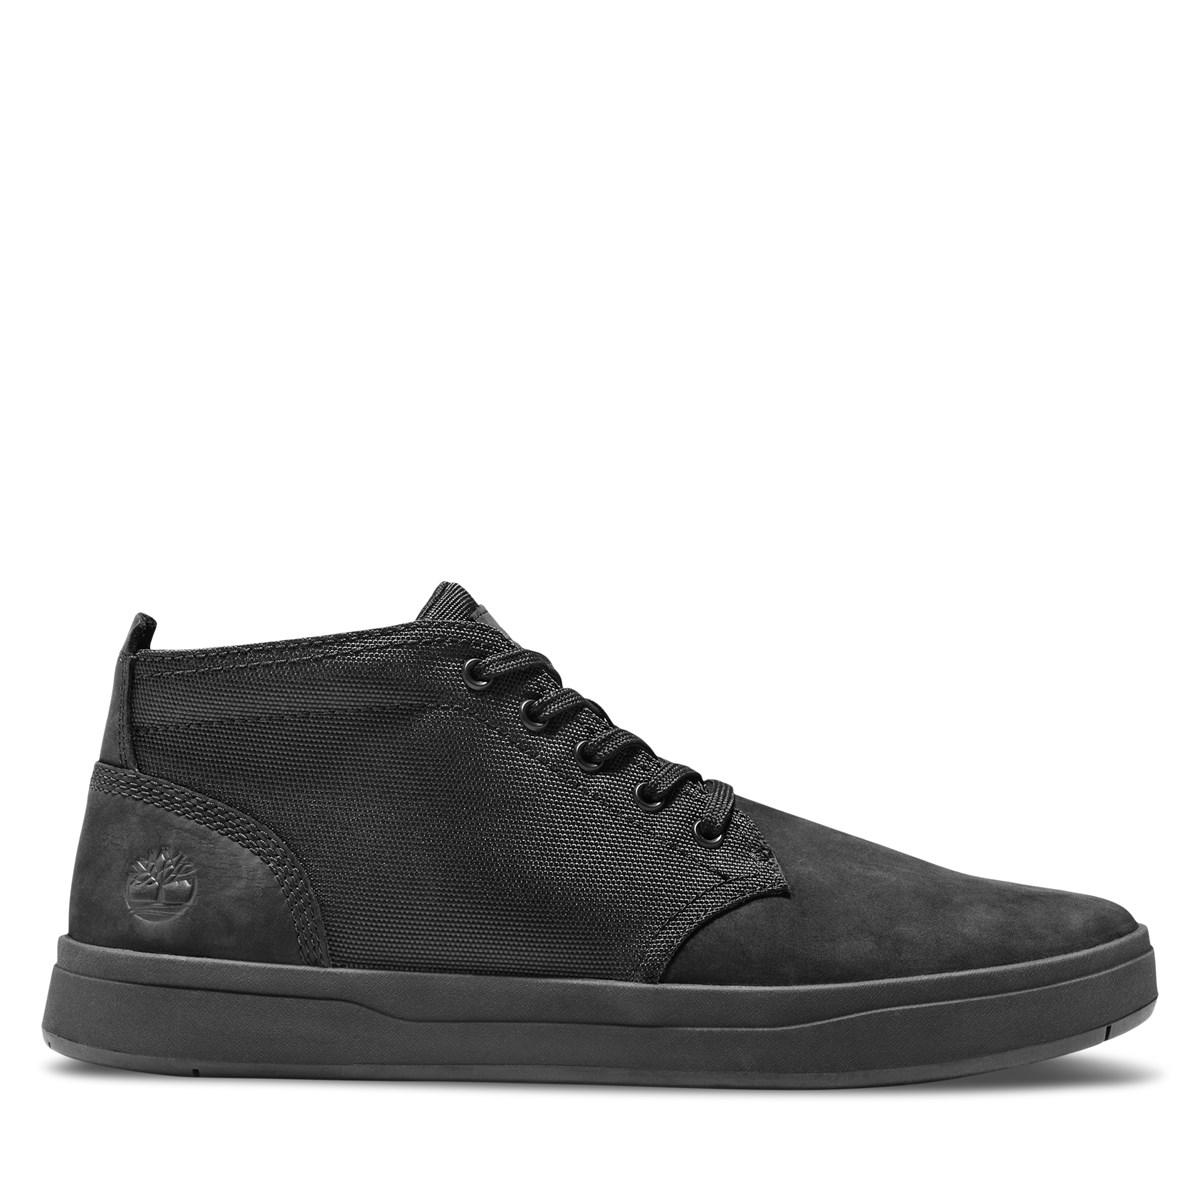 Men's Davis Square Chukka Shoes in Black